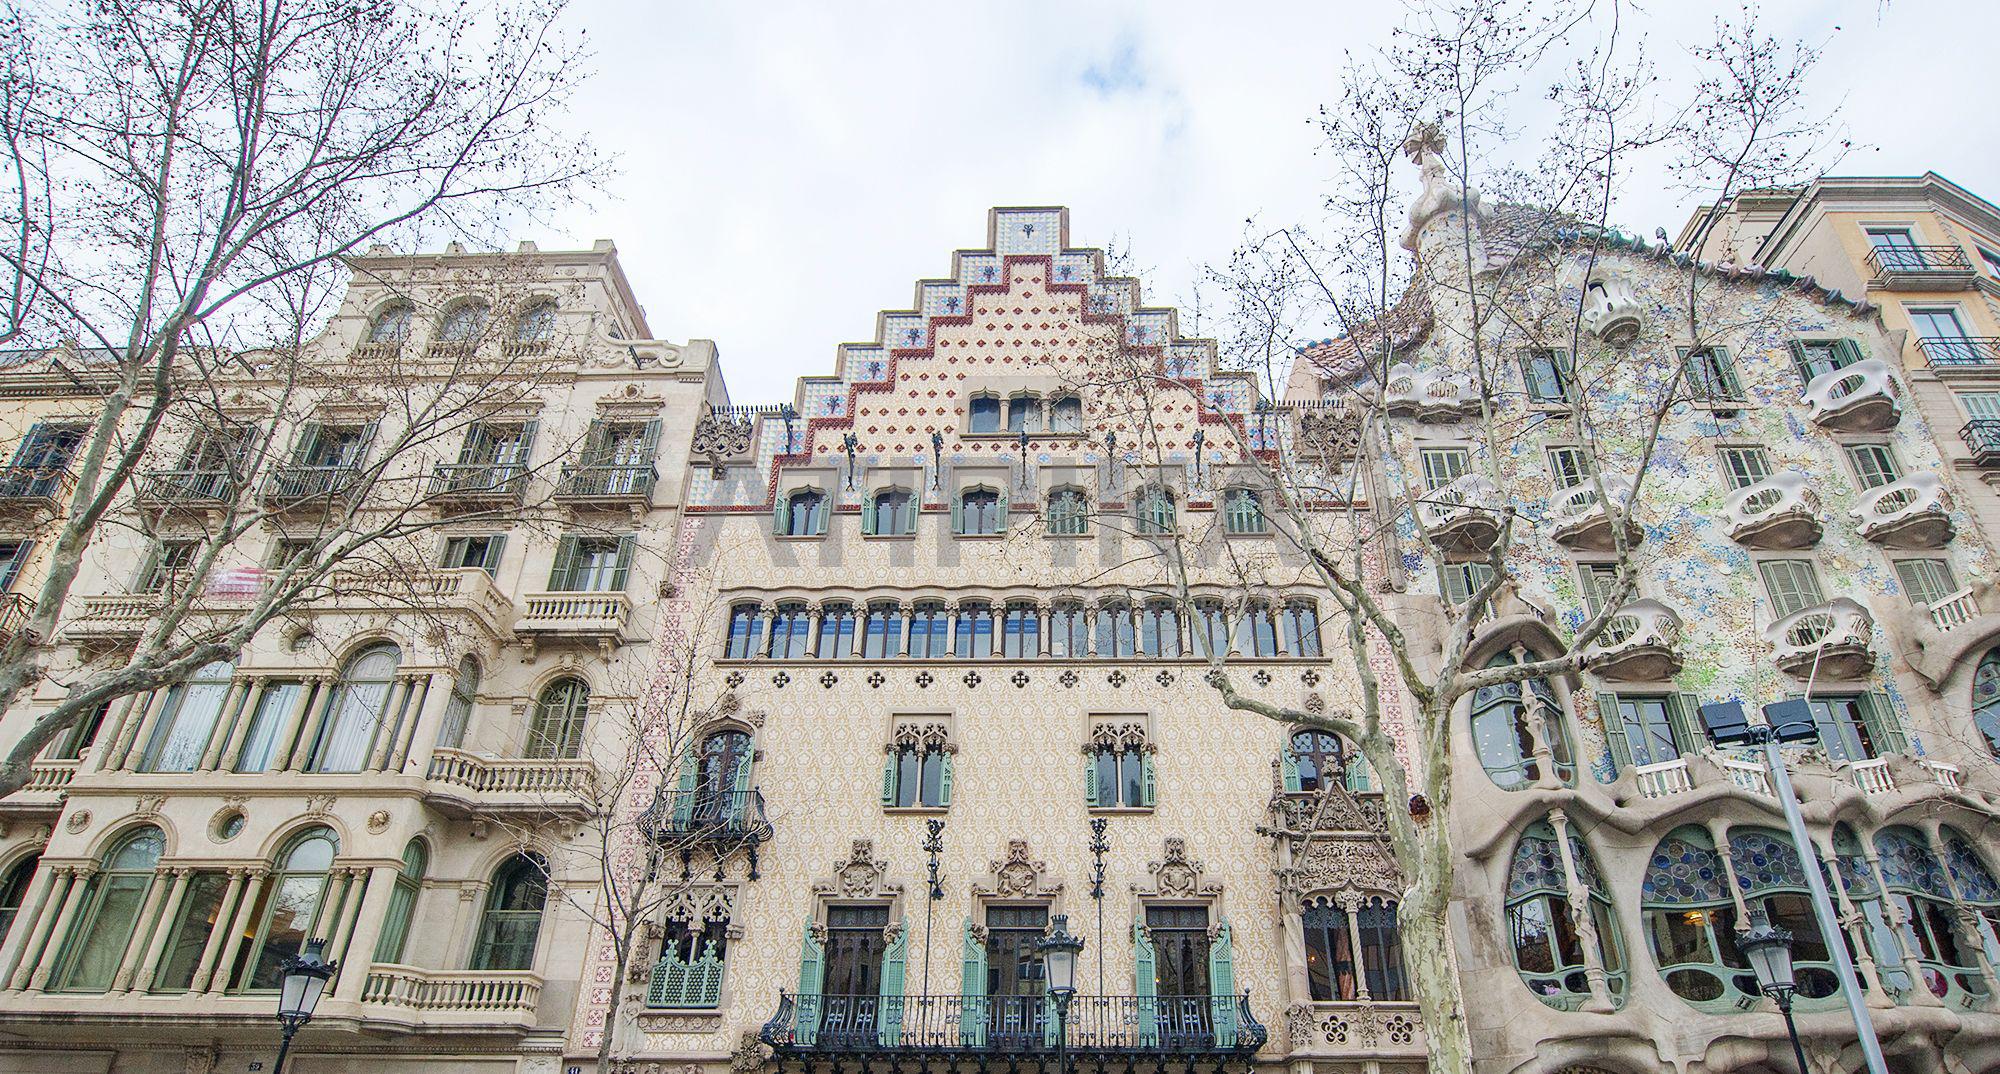 El esplendor de la Barcelona del 'Quadrat d'Or' 2